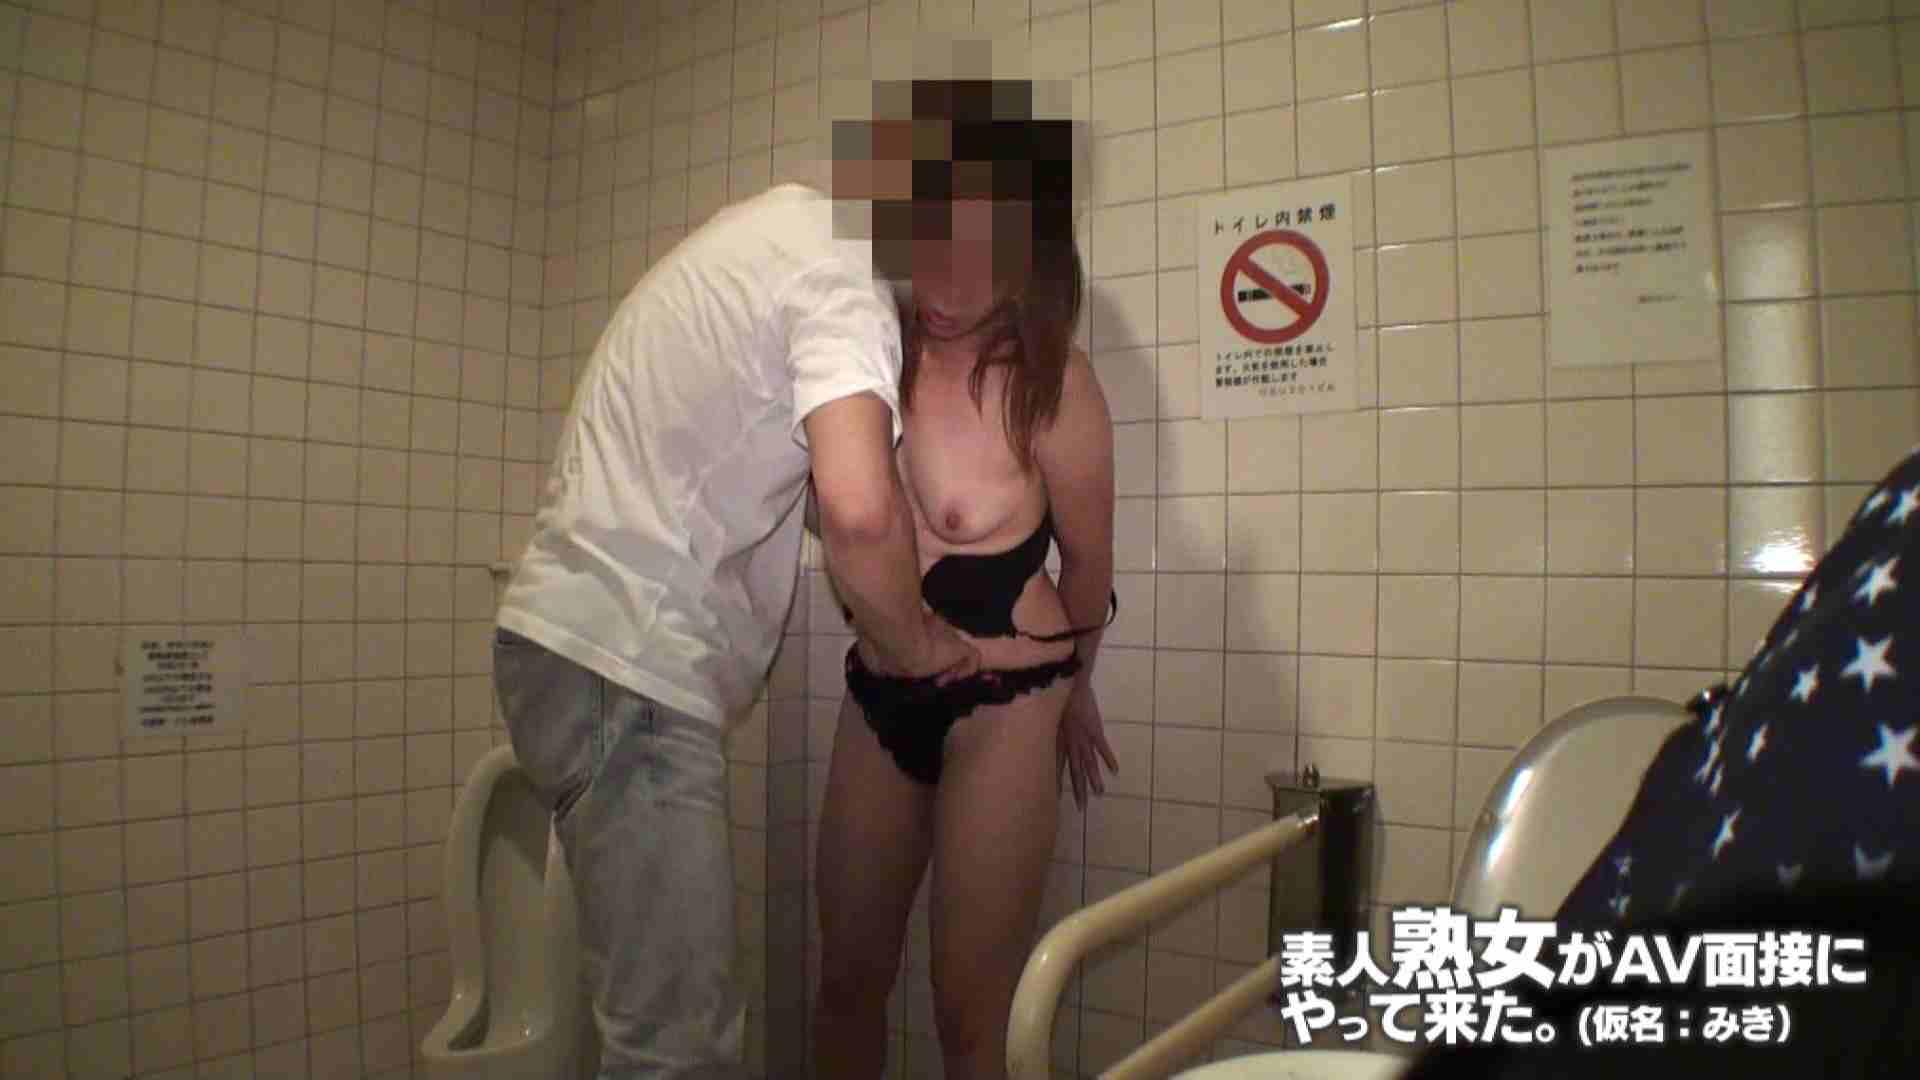 素人熟女がAV面接にやってきた (熟女)みきさんVOL.03 中出し 性交動画流出 105pic 73